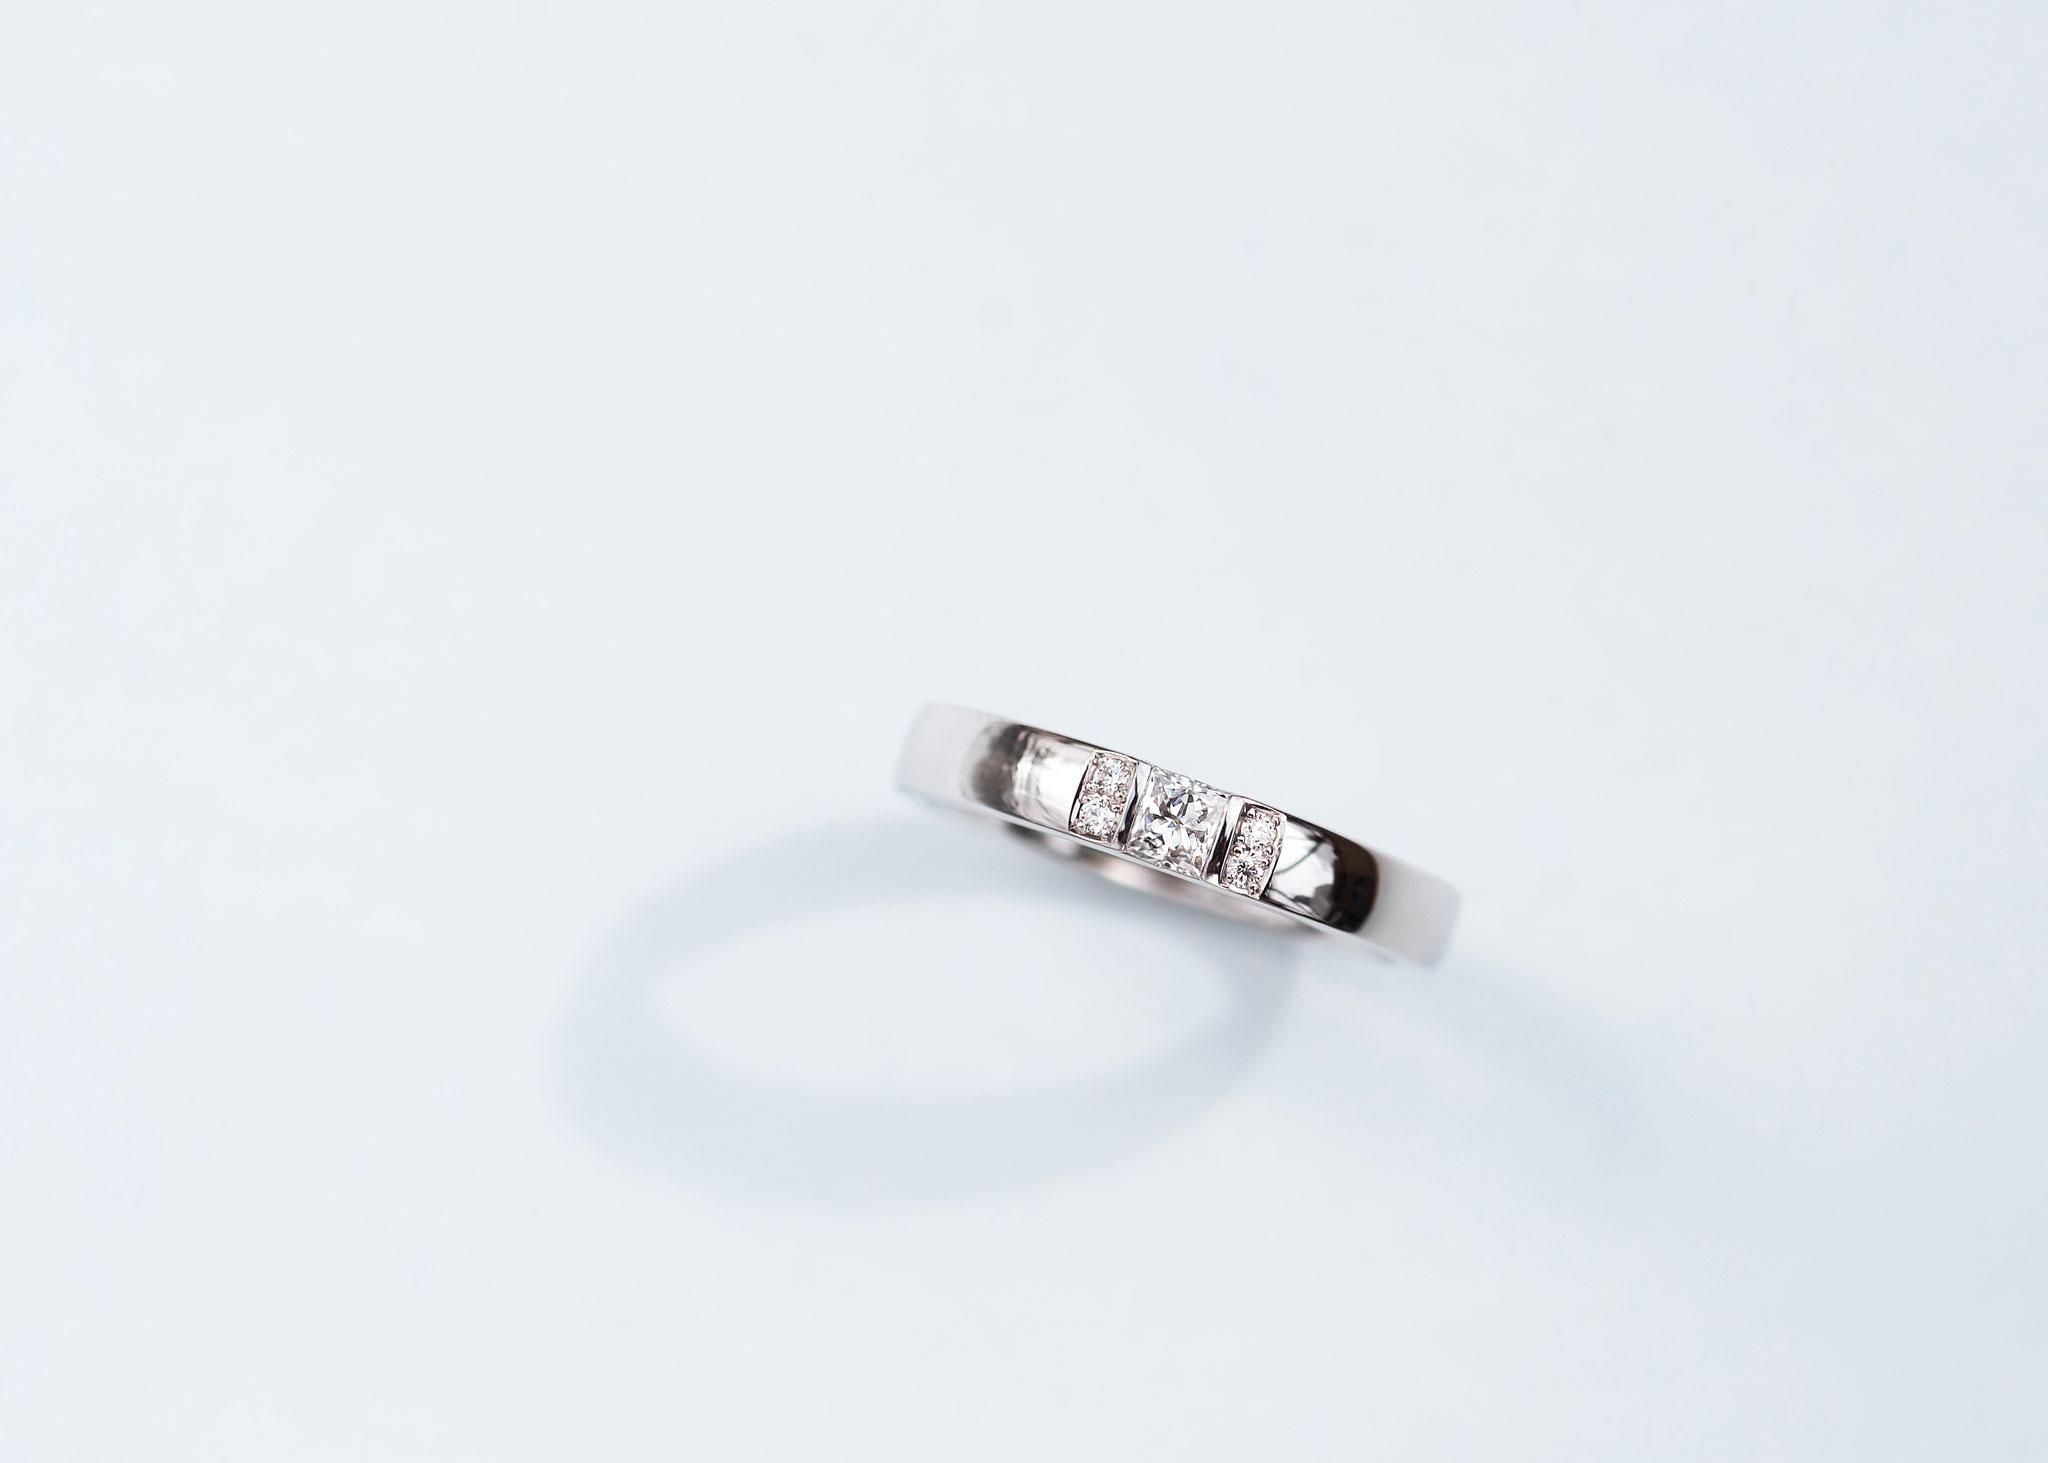 フルオーダーリング  Pt950×クッションカットダイヤモンド 0.221ct×メレダイヤモンド 0.01ct/4P